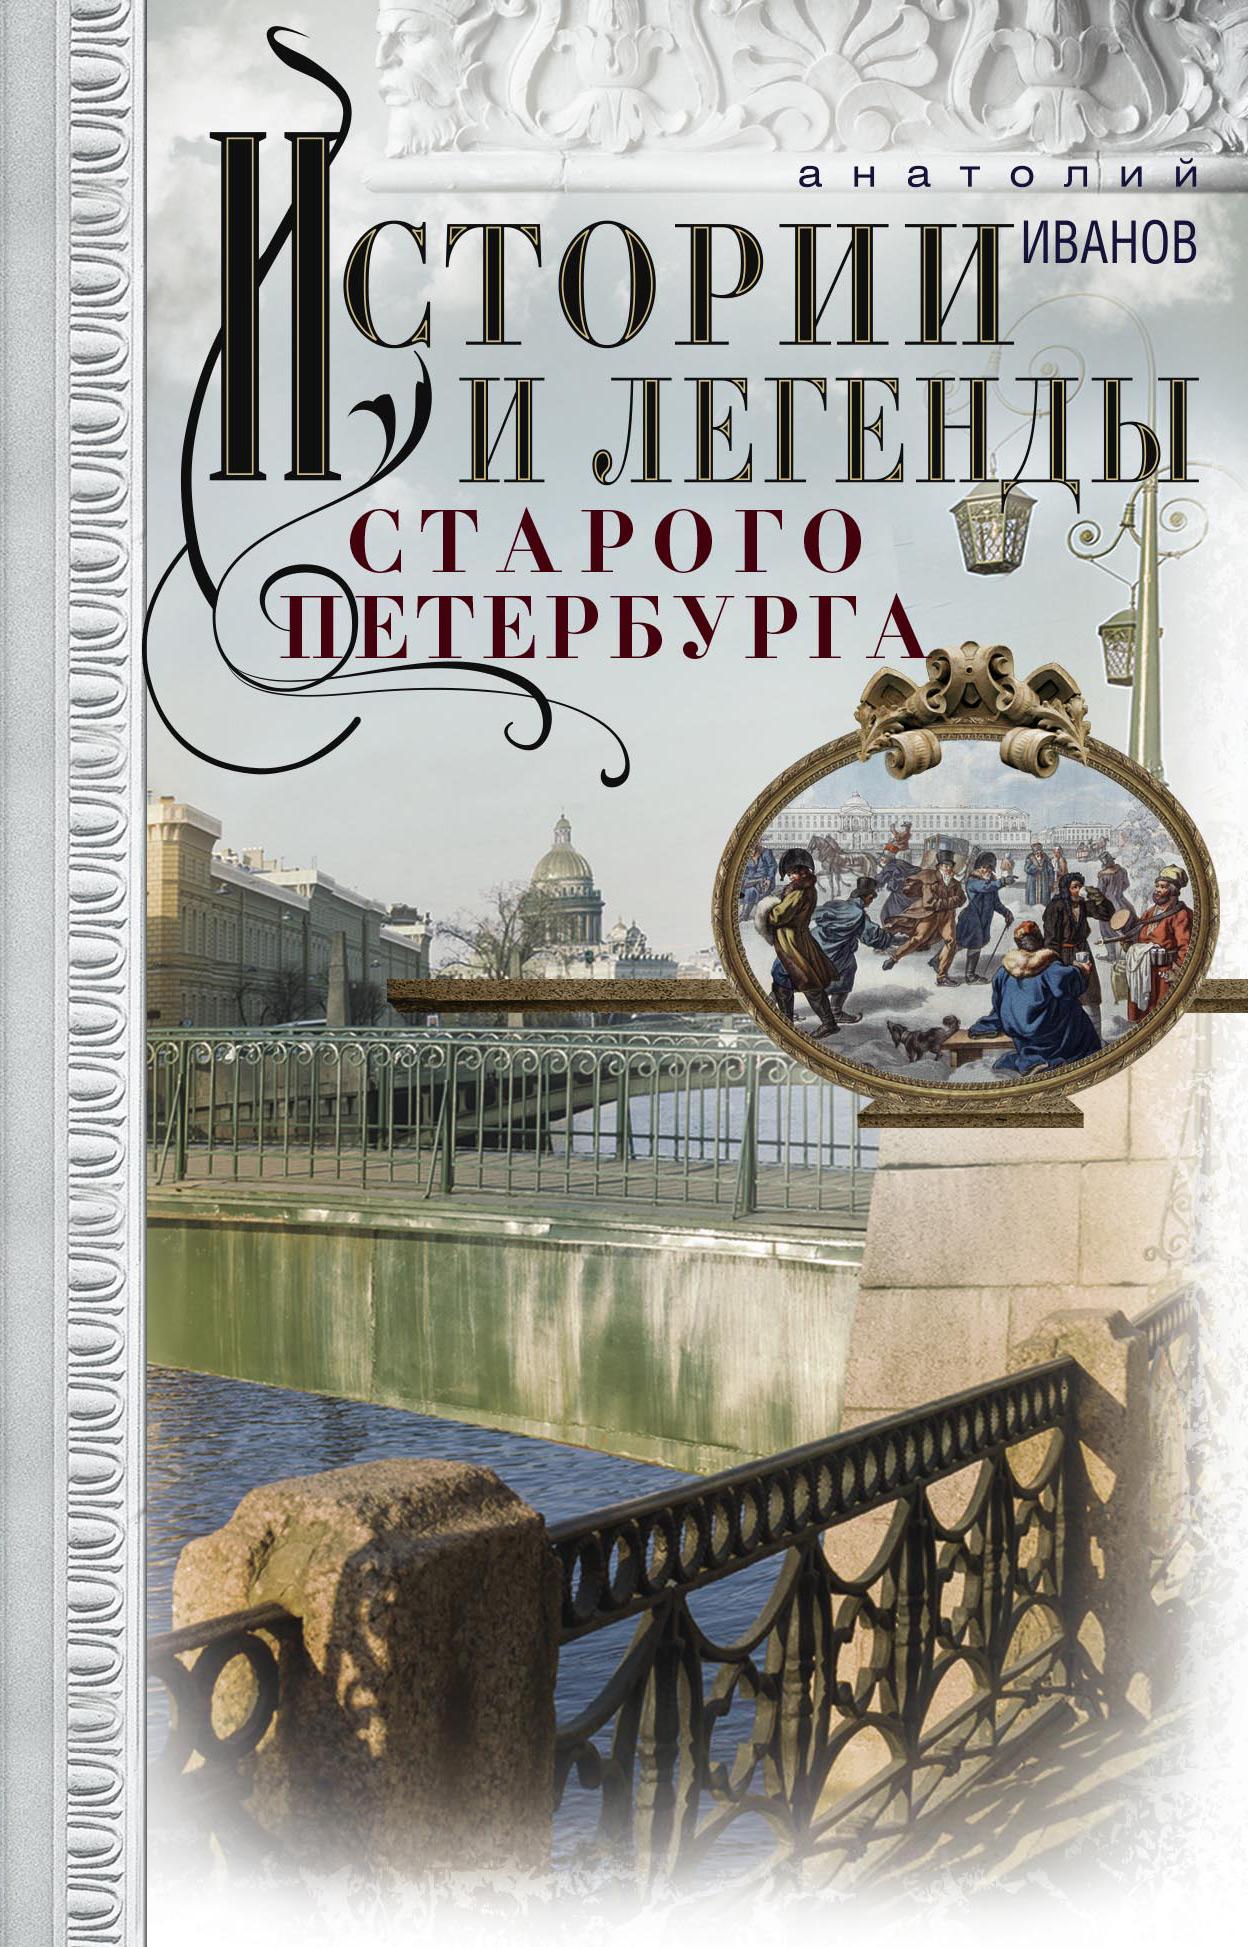 А. А. Иванов Истории и легенды старого Петербурга а а иванов истории и легенды старого петербурга